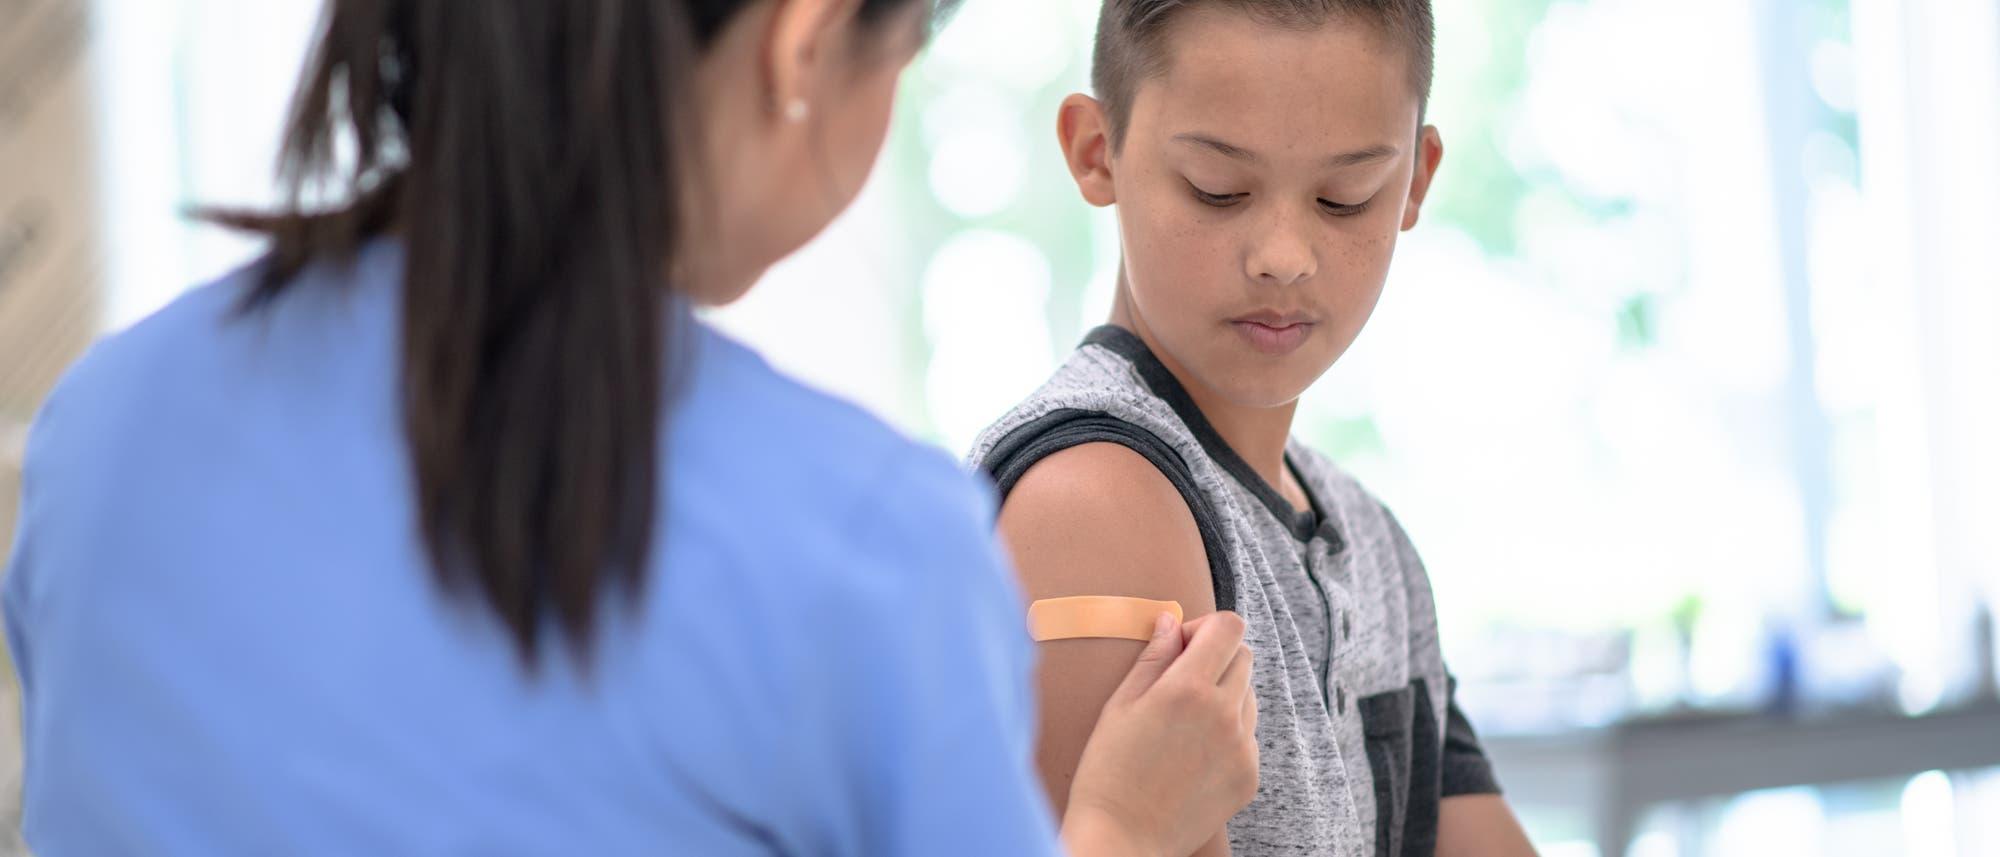 Ein Junge nach einer Impfung.